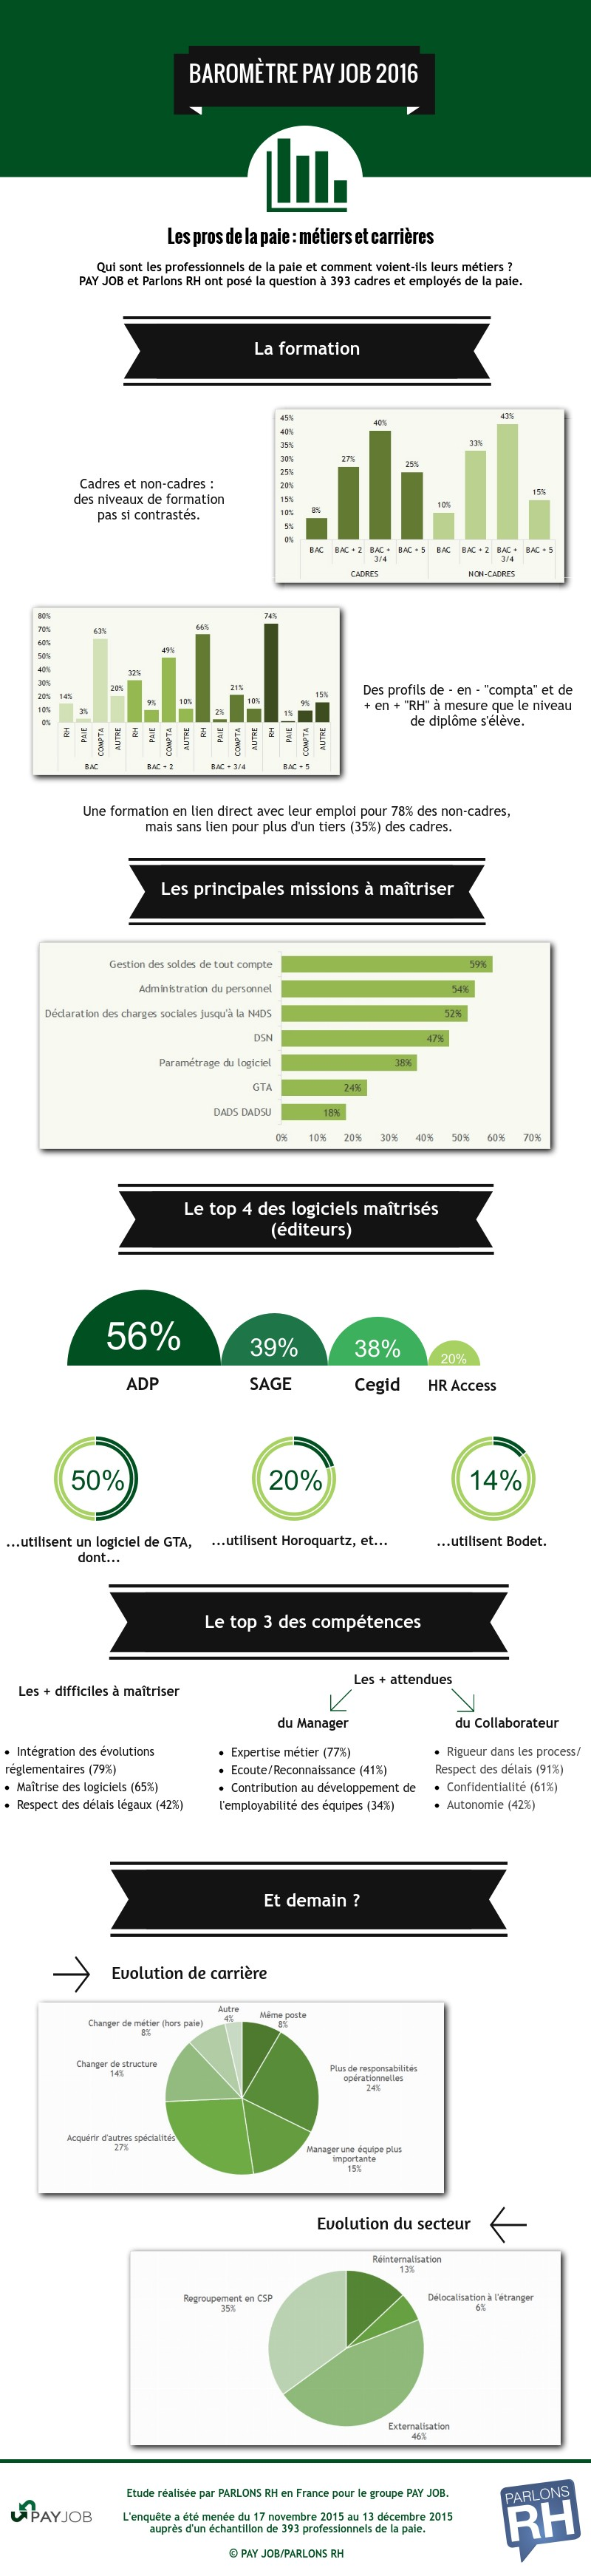 infographie sur les métiers de la paie